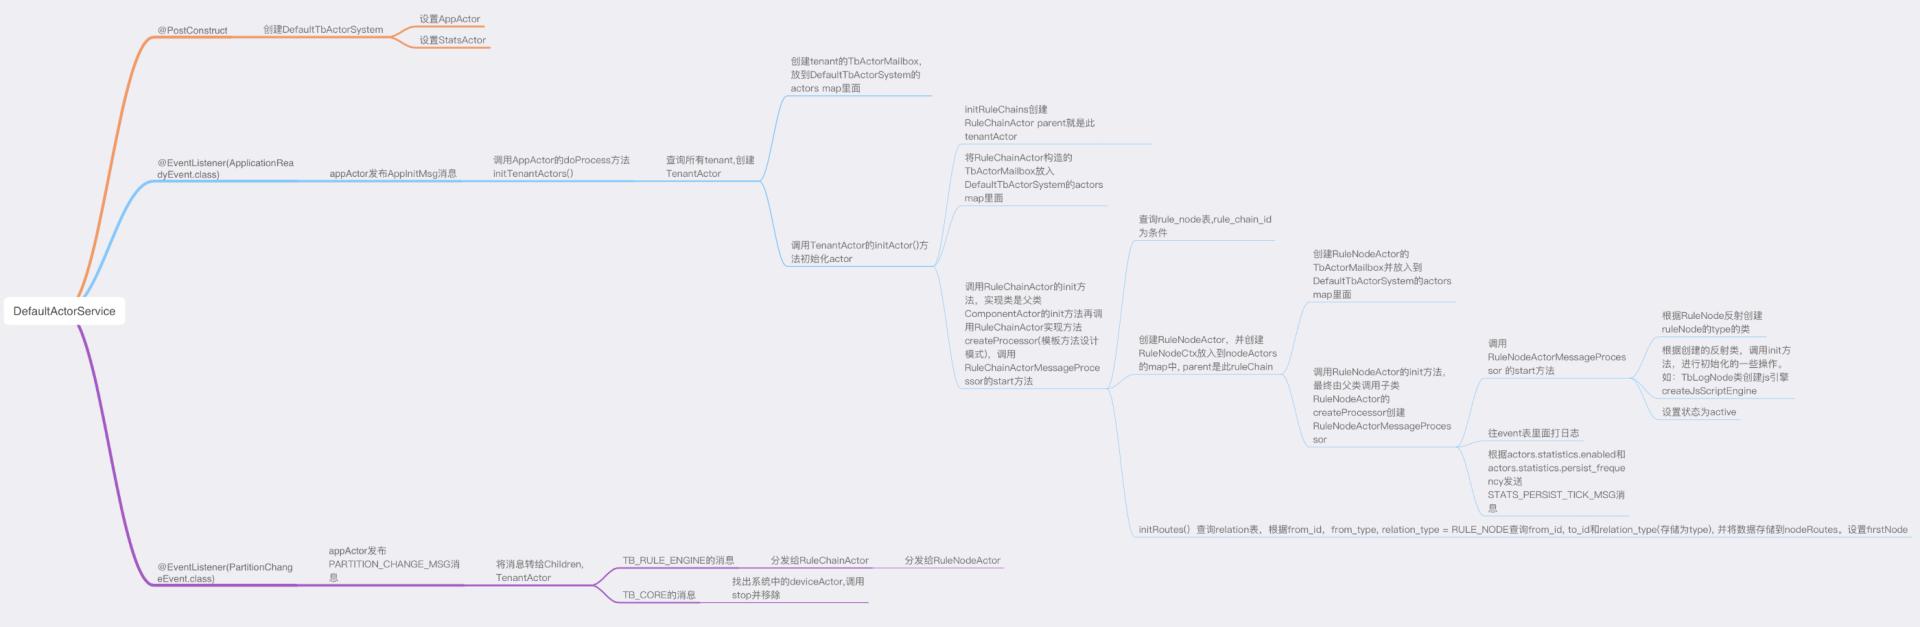 DefaultActorService简析